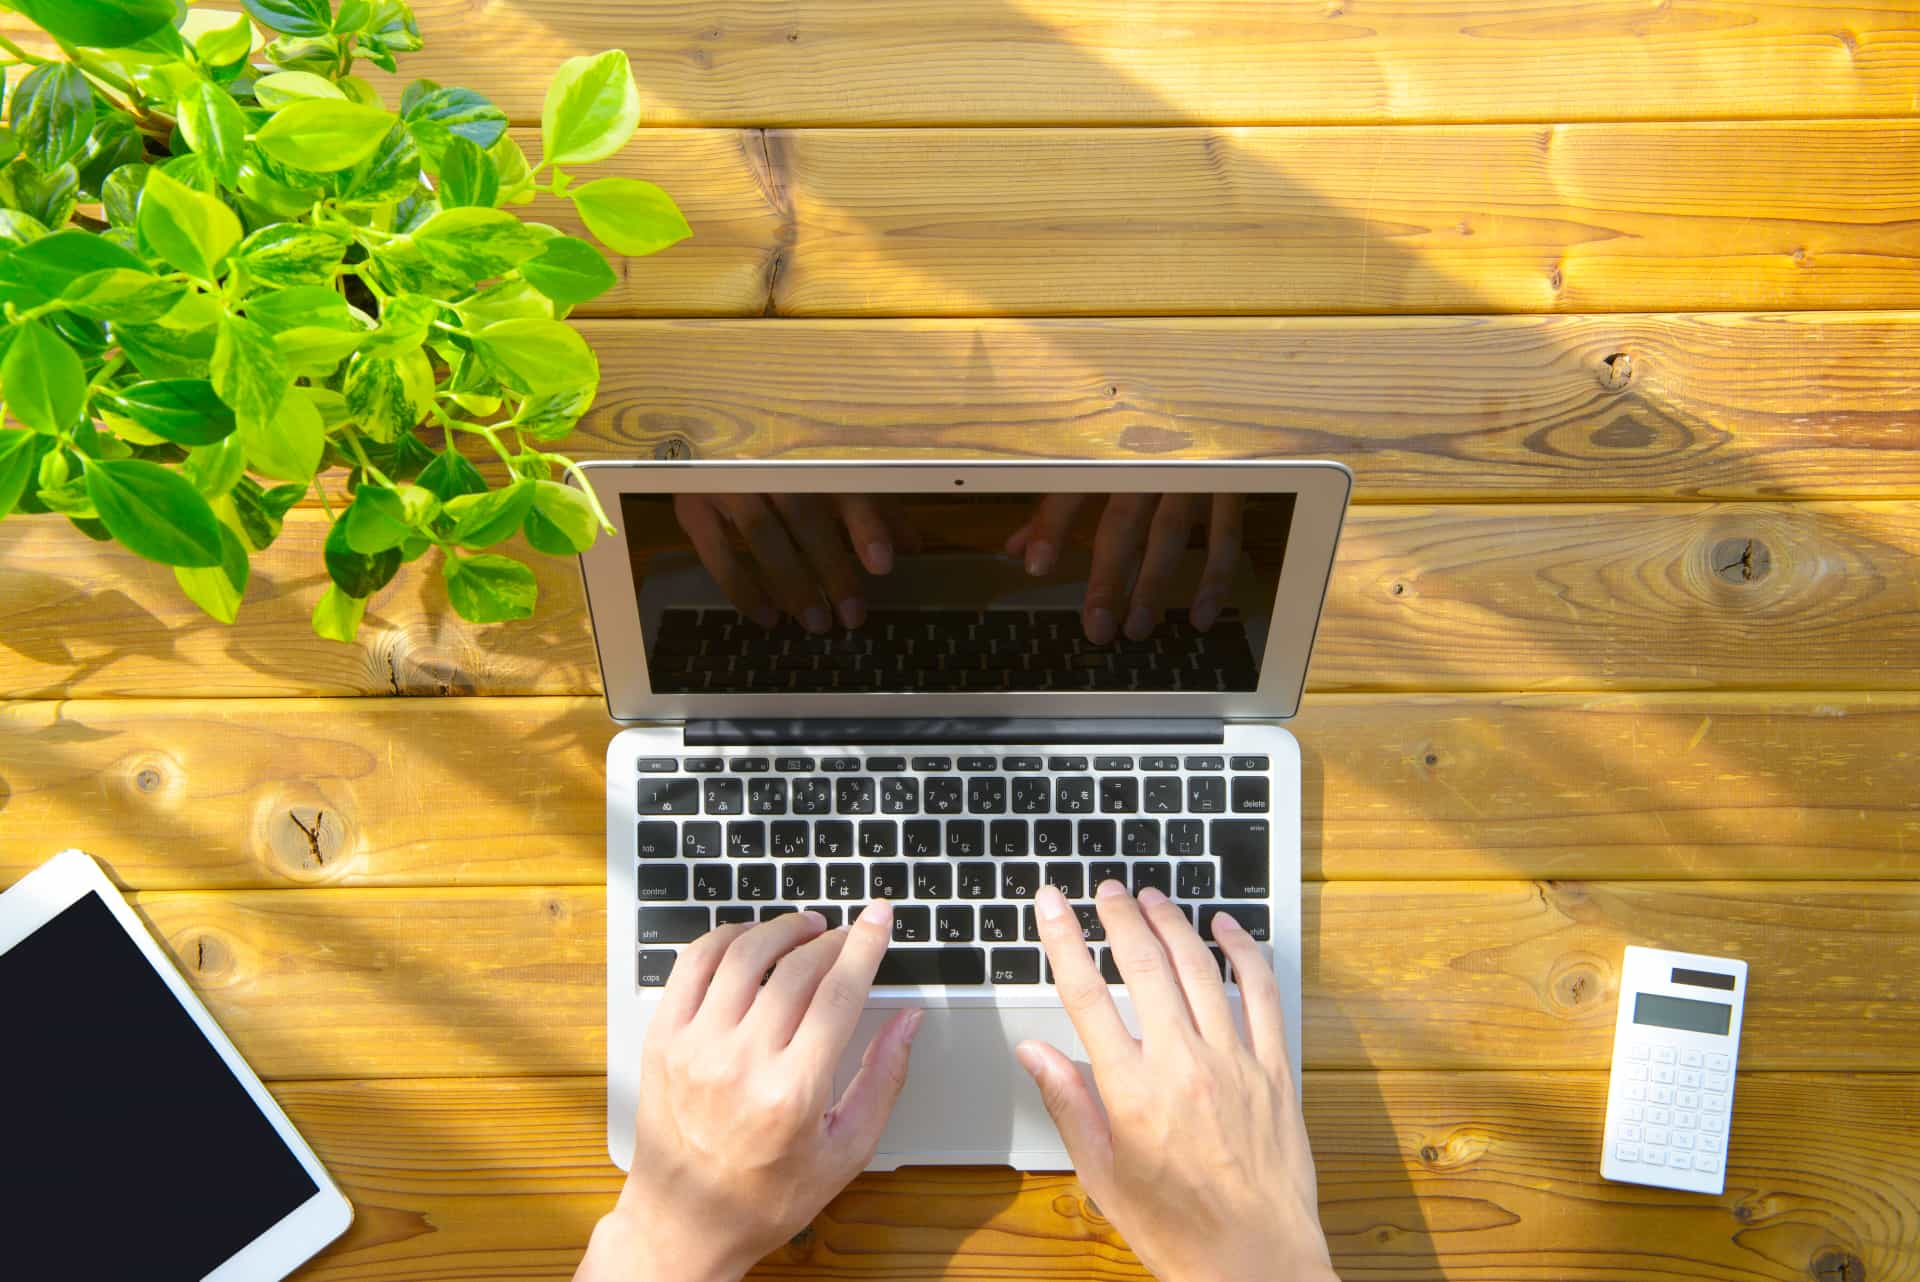 「ブログの書く時間がない!」って人にいいたい